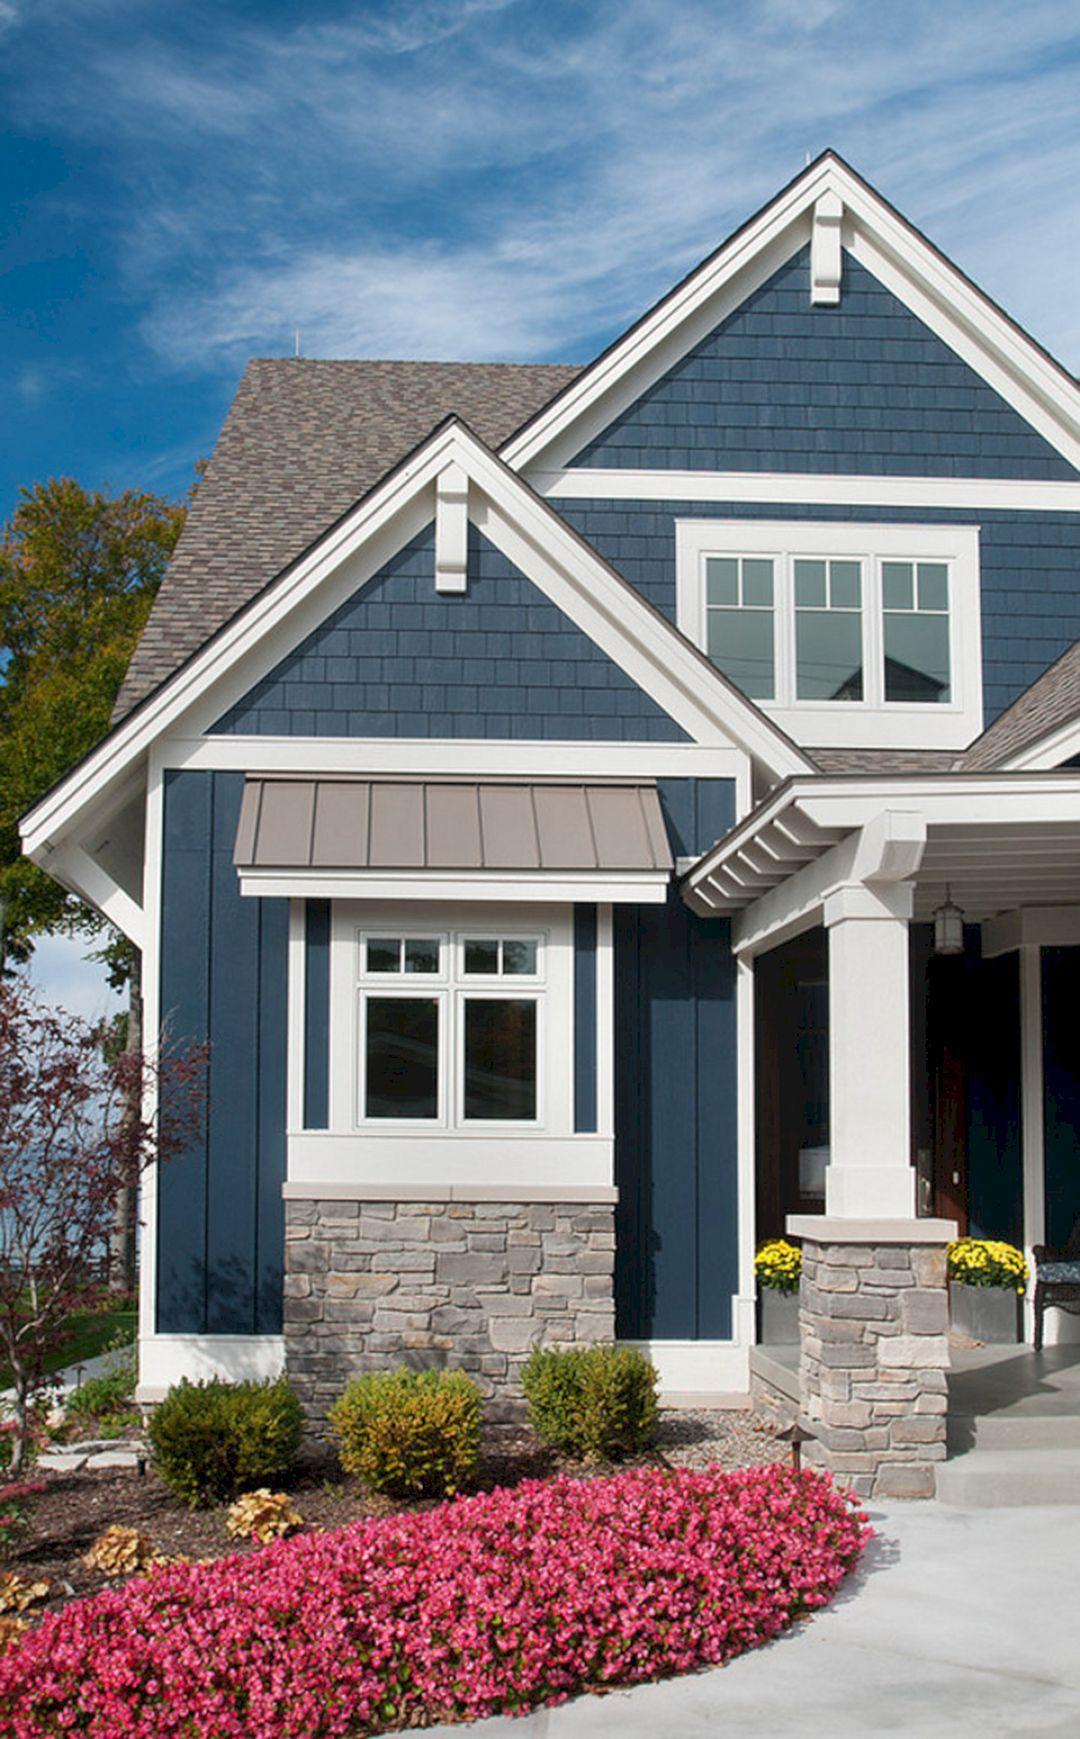 35 Beautiful Navy Blue And White Ideas For Home Exterior Color Freshouz Com Cottage Exterior Colors House Paint Exterior Cottage Exterior